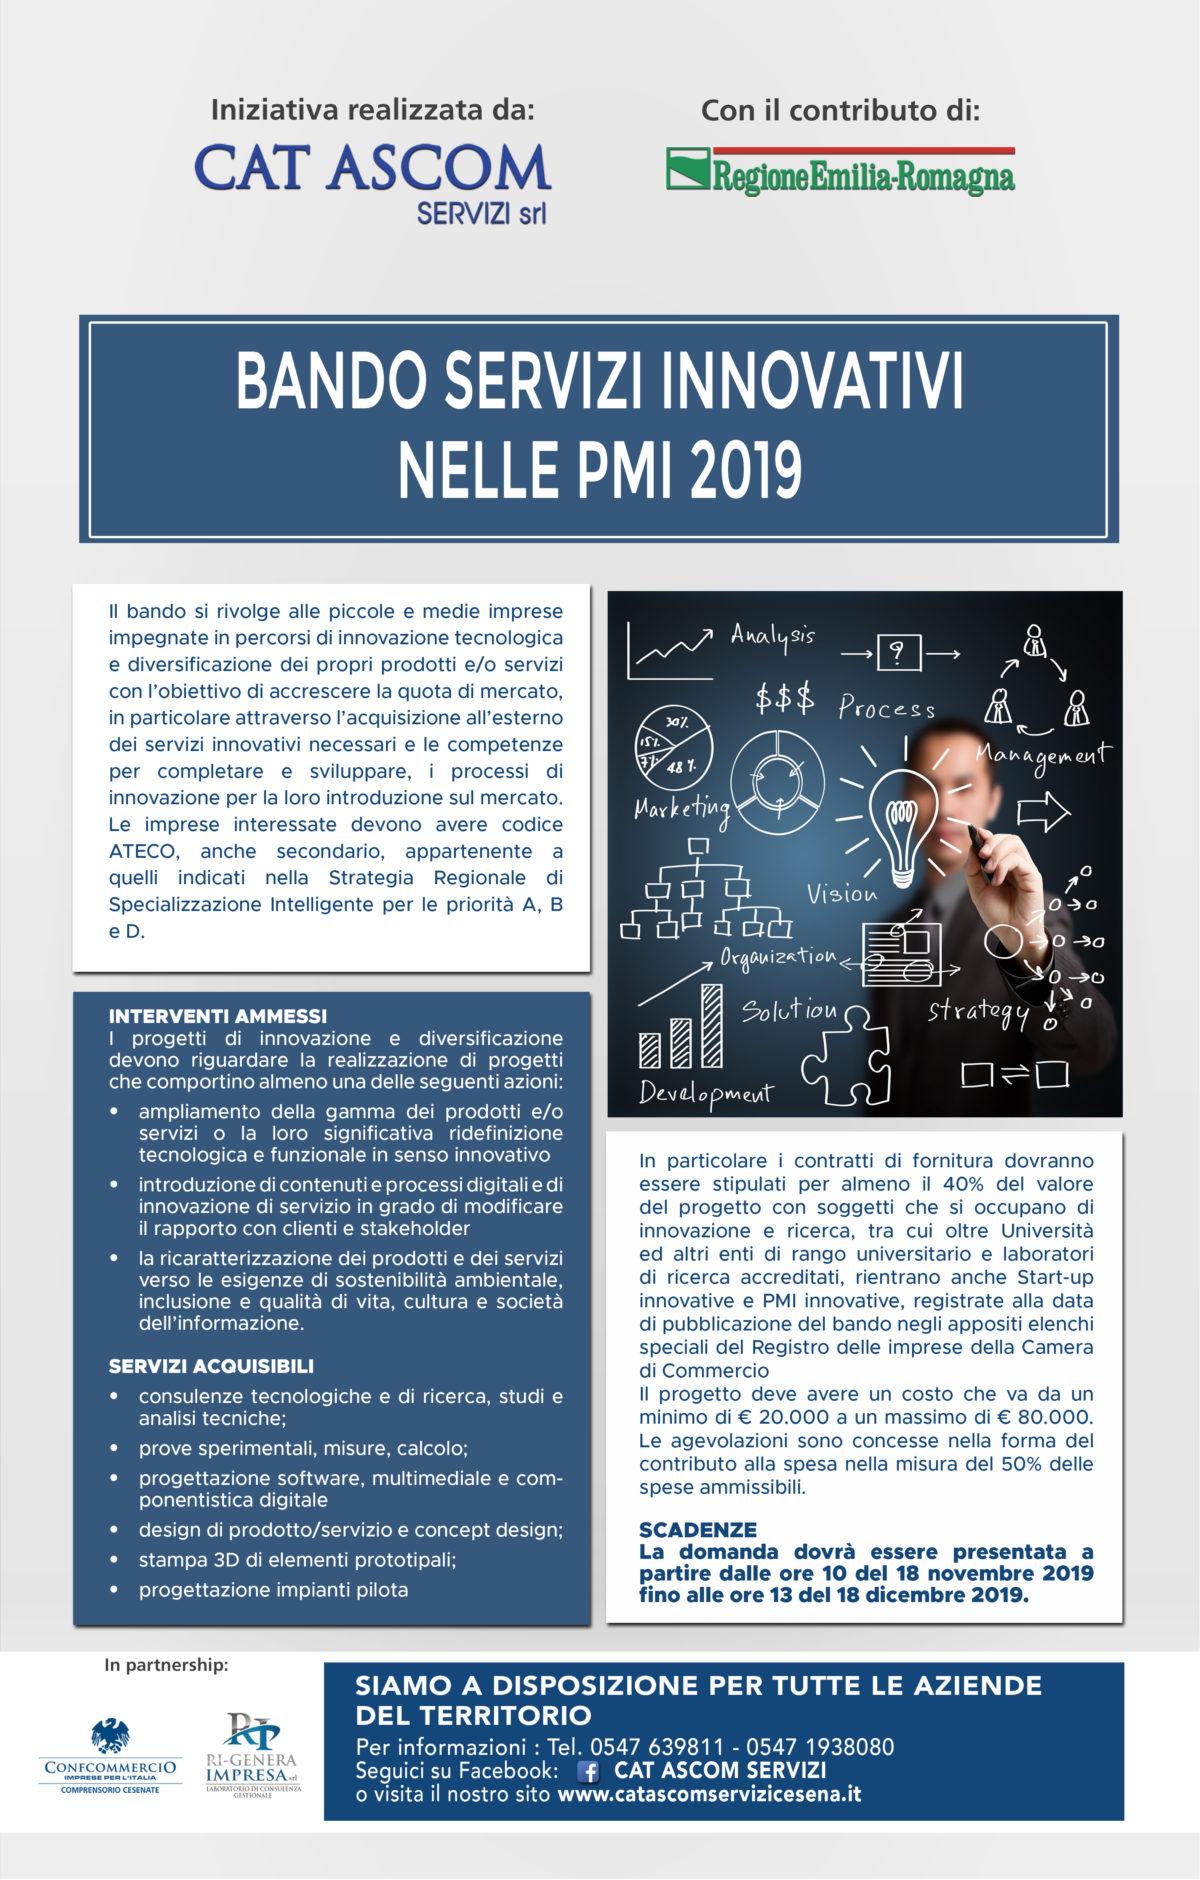 BANDO SERVIZI INNOVATIVI  NELLE PMI 2019